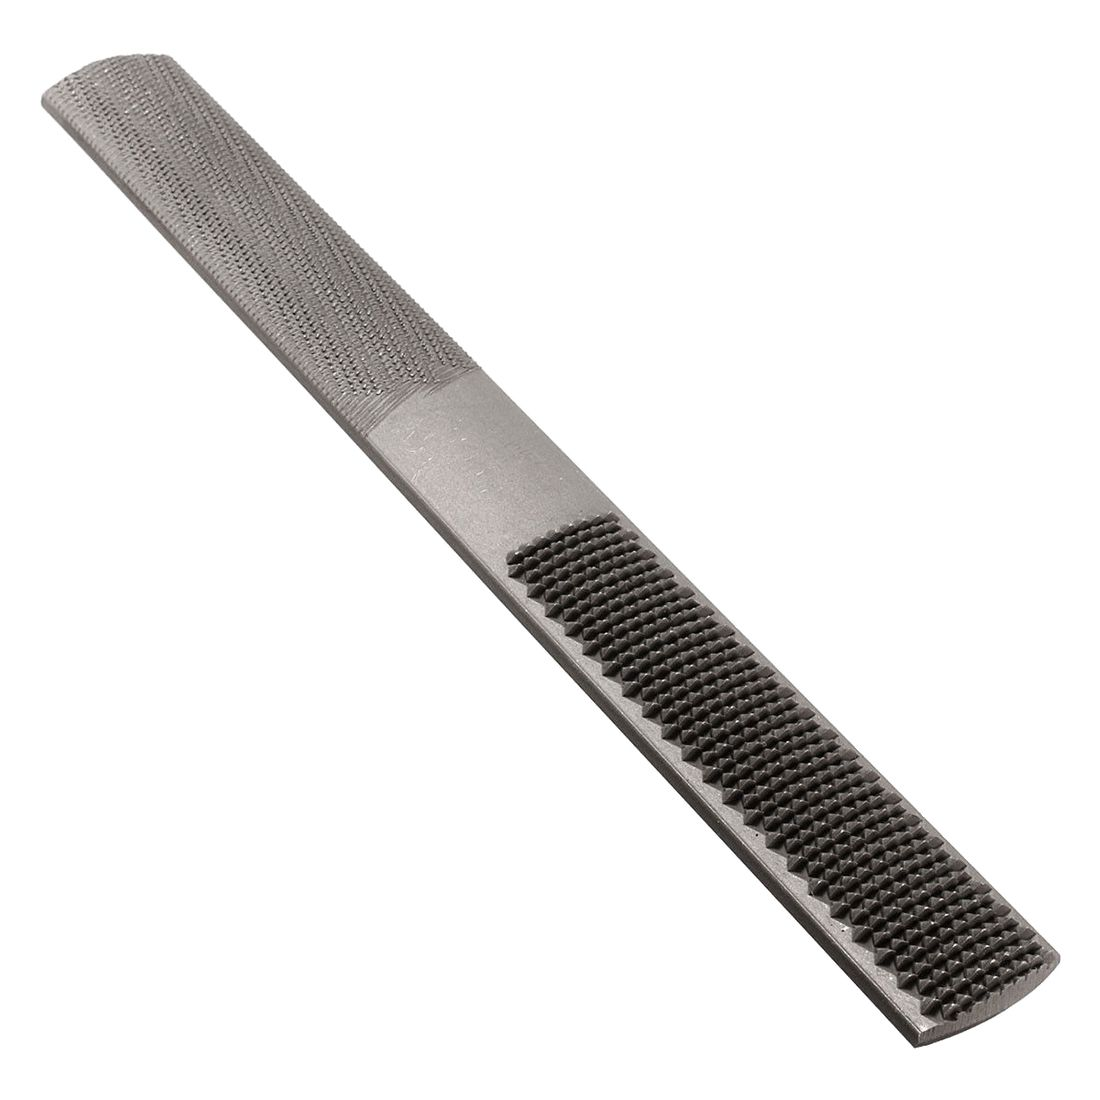 ZuverläSsig Hho-4 In 1 8 Zoll Carbon Stahl Zimmerei Holzbearbeitung Holz Raspel Datei Mühle Werkzeug 200mm Seien Sie In Geldangelegenheiten Schlau Dateien